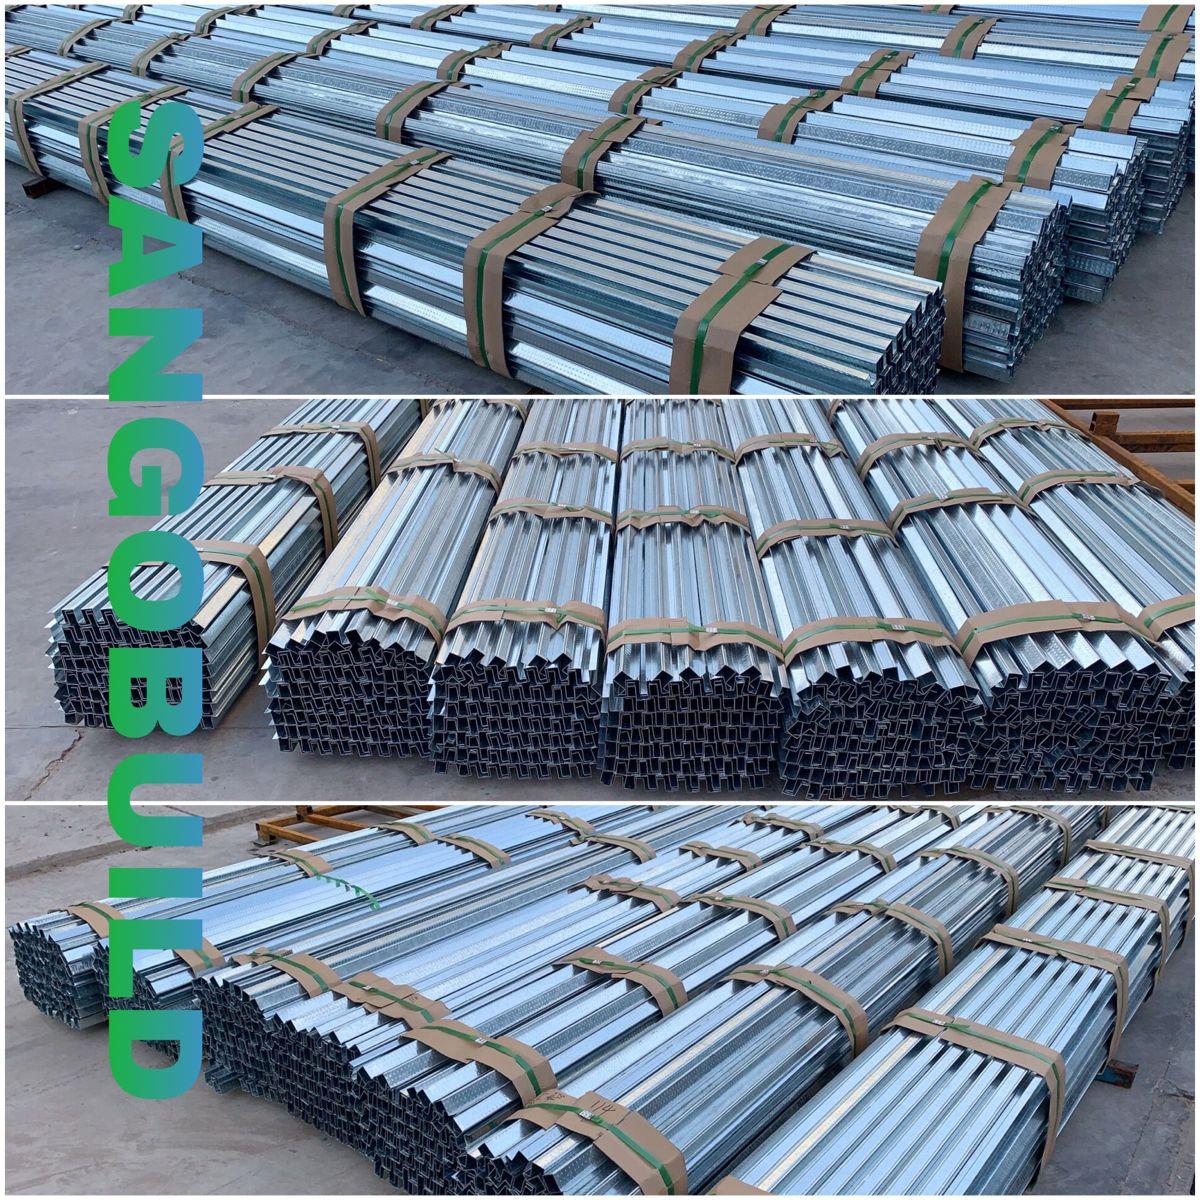 Zinc Aluminum Steel Roof Battens In 2020 Roof Battens Metal Roof Tiles Metal Roof